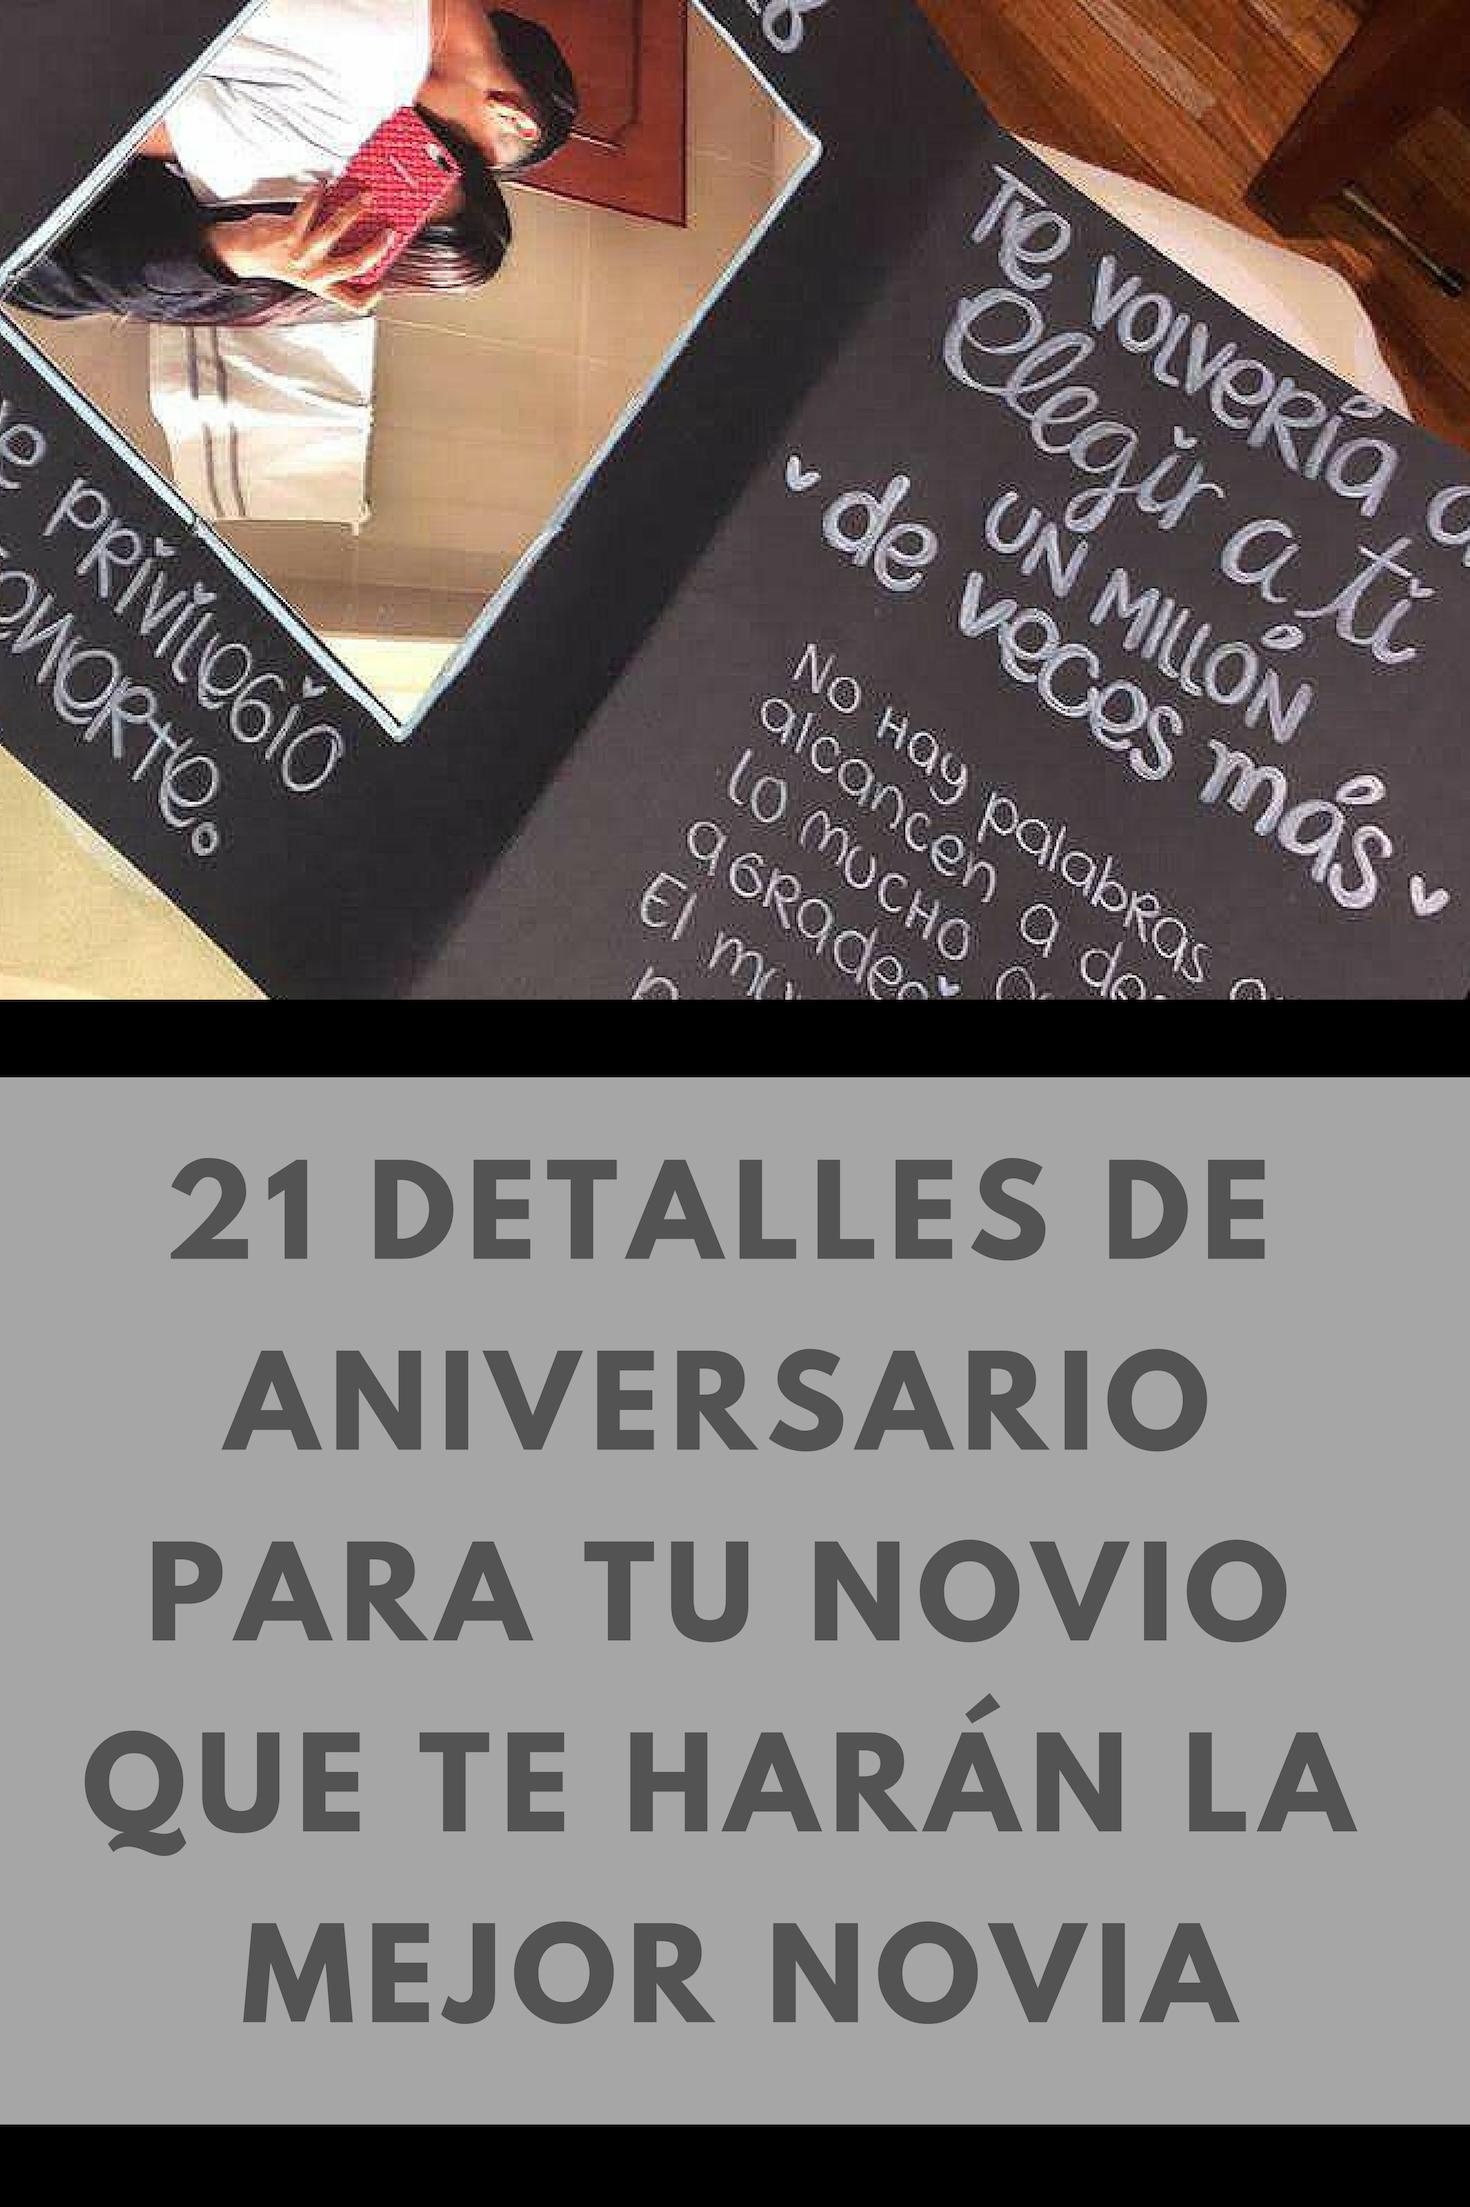 21 Detalles De Aniversario Para Tu Novio Que Te Harán La